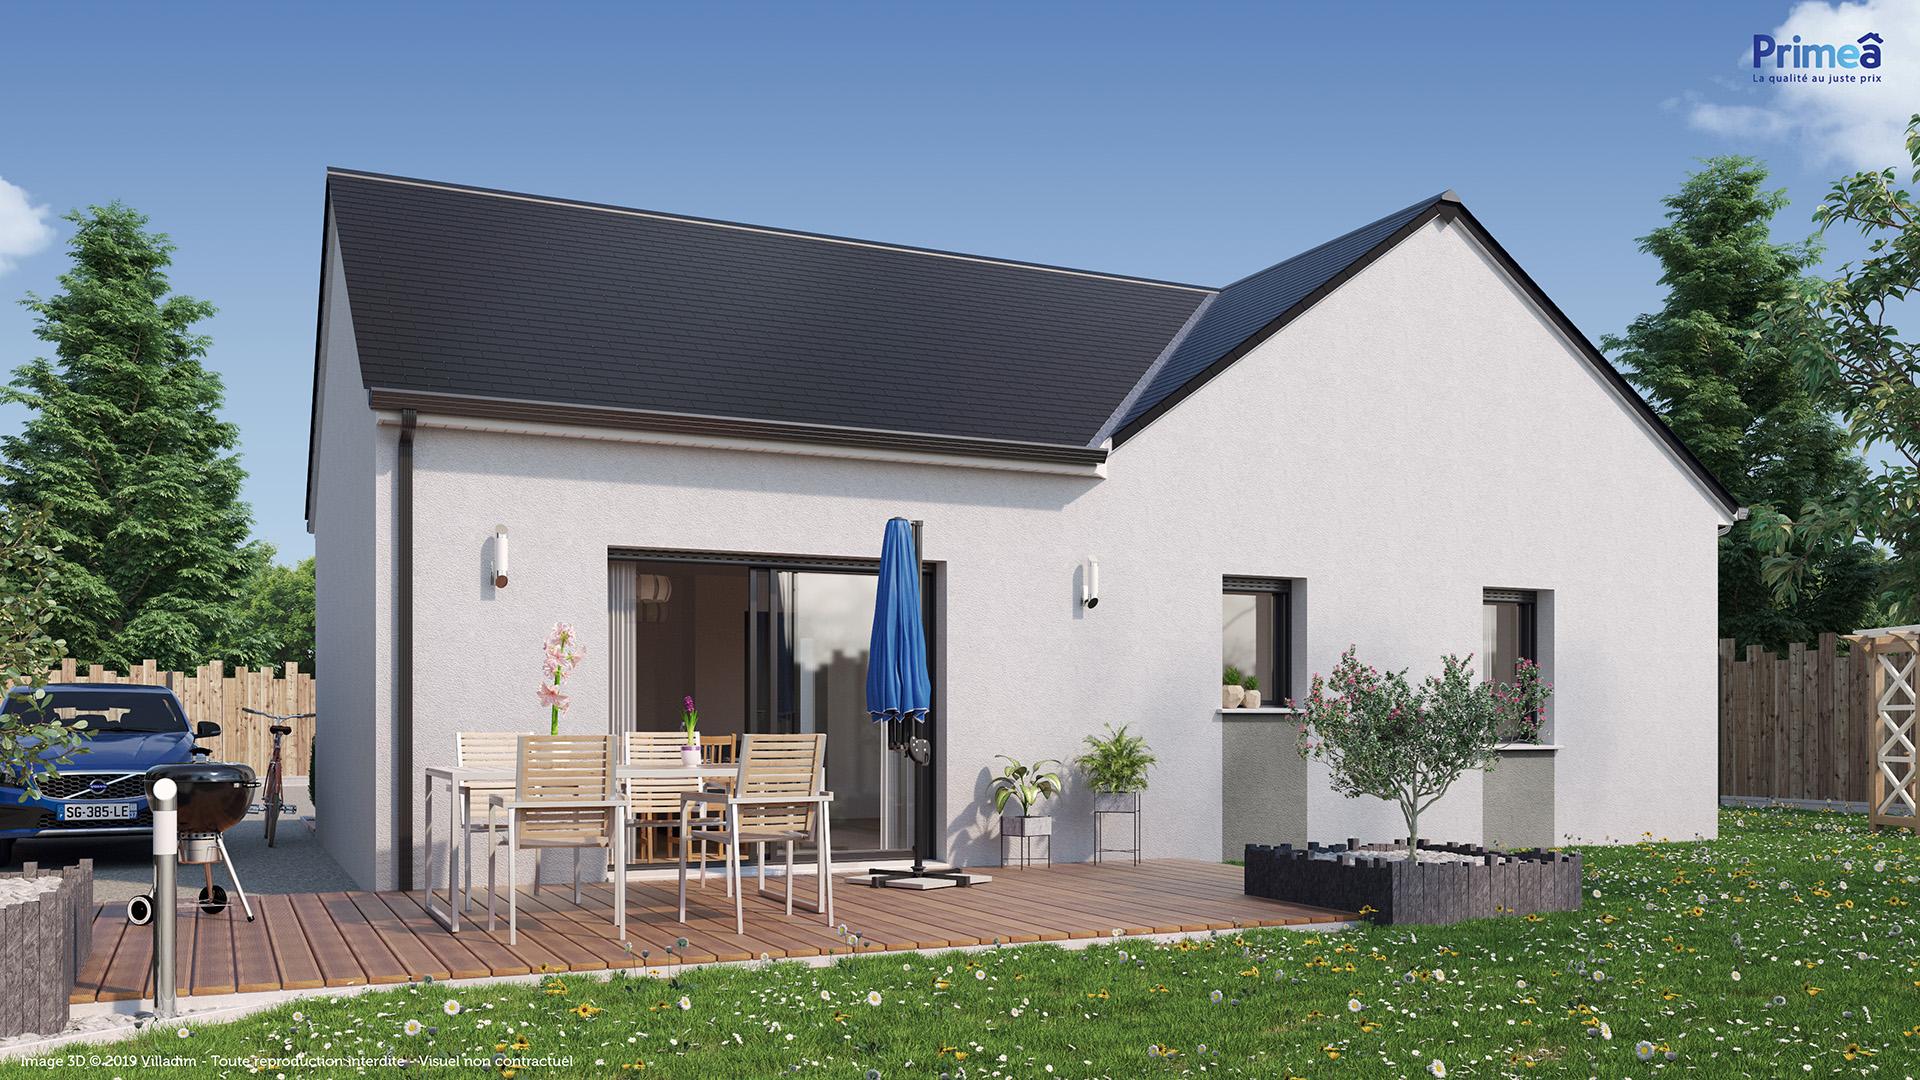 Maison à vendre à Saint-Gervais-la-Forêt